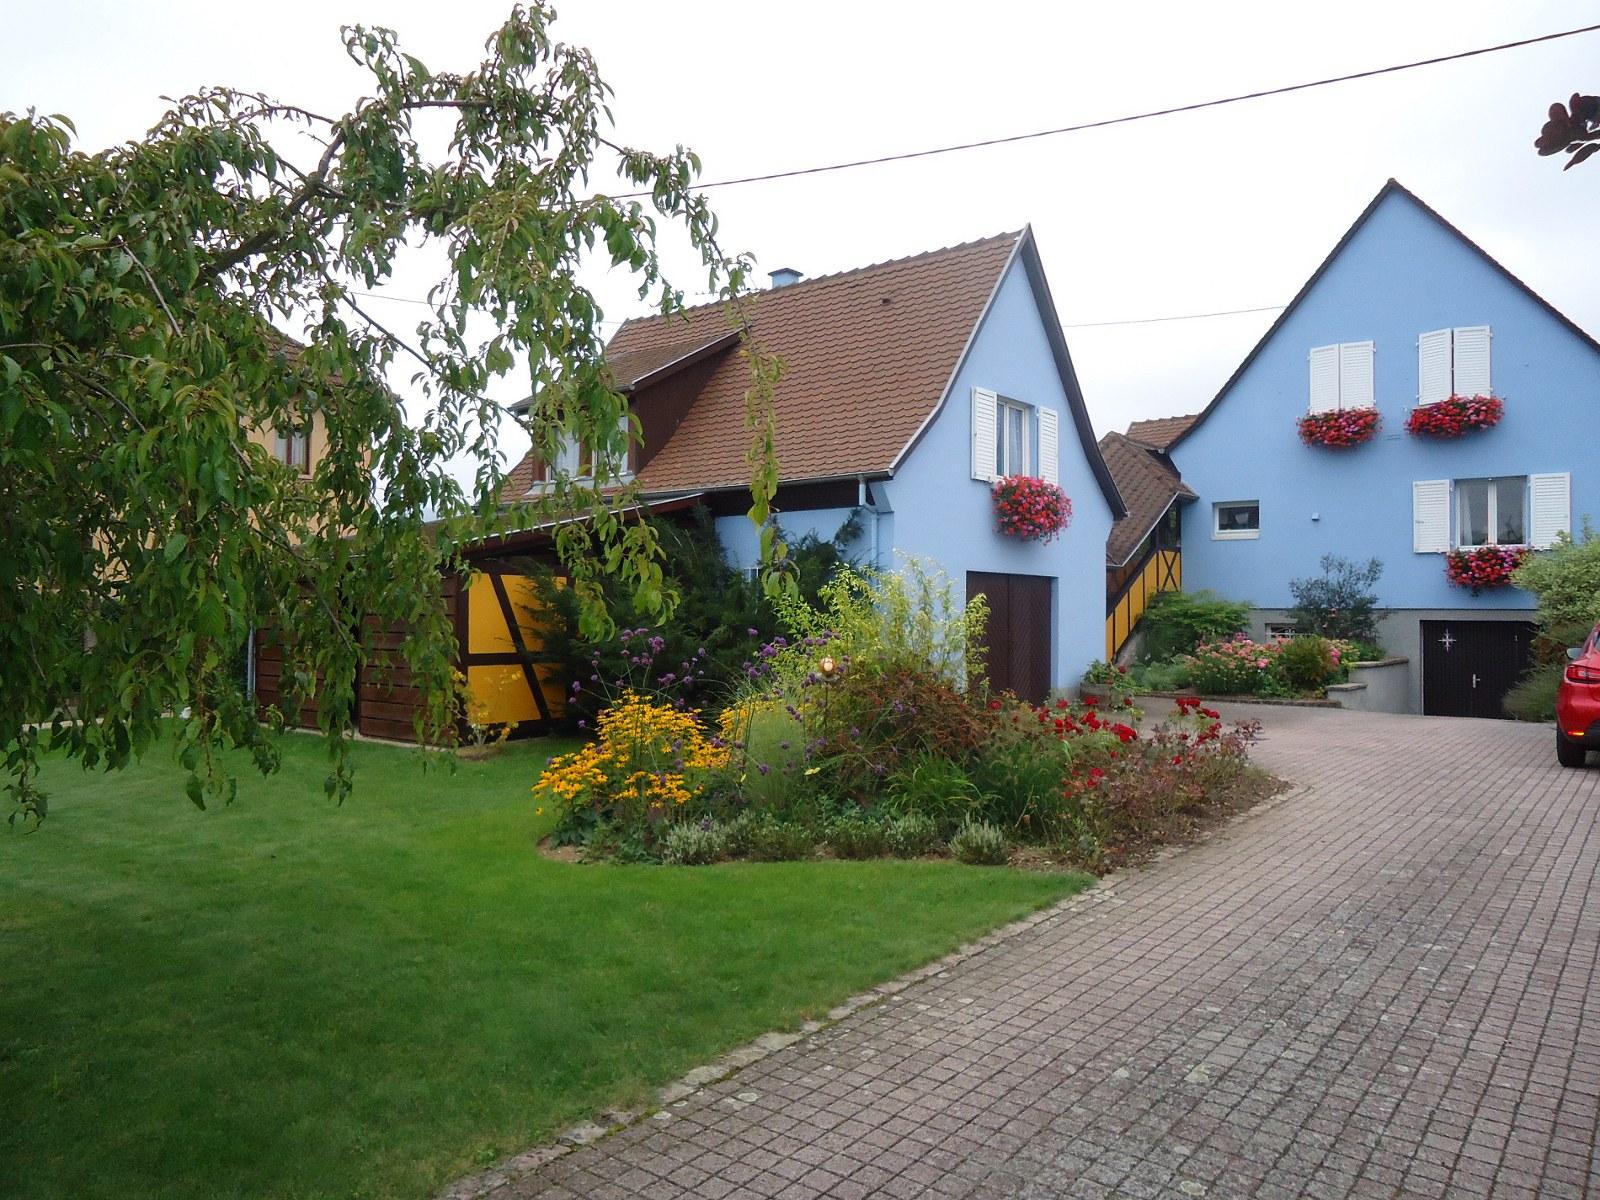 La petite maison bleue, à gauche